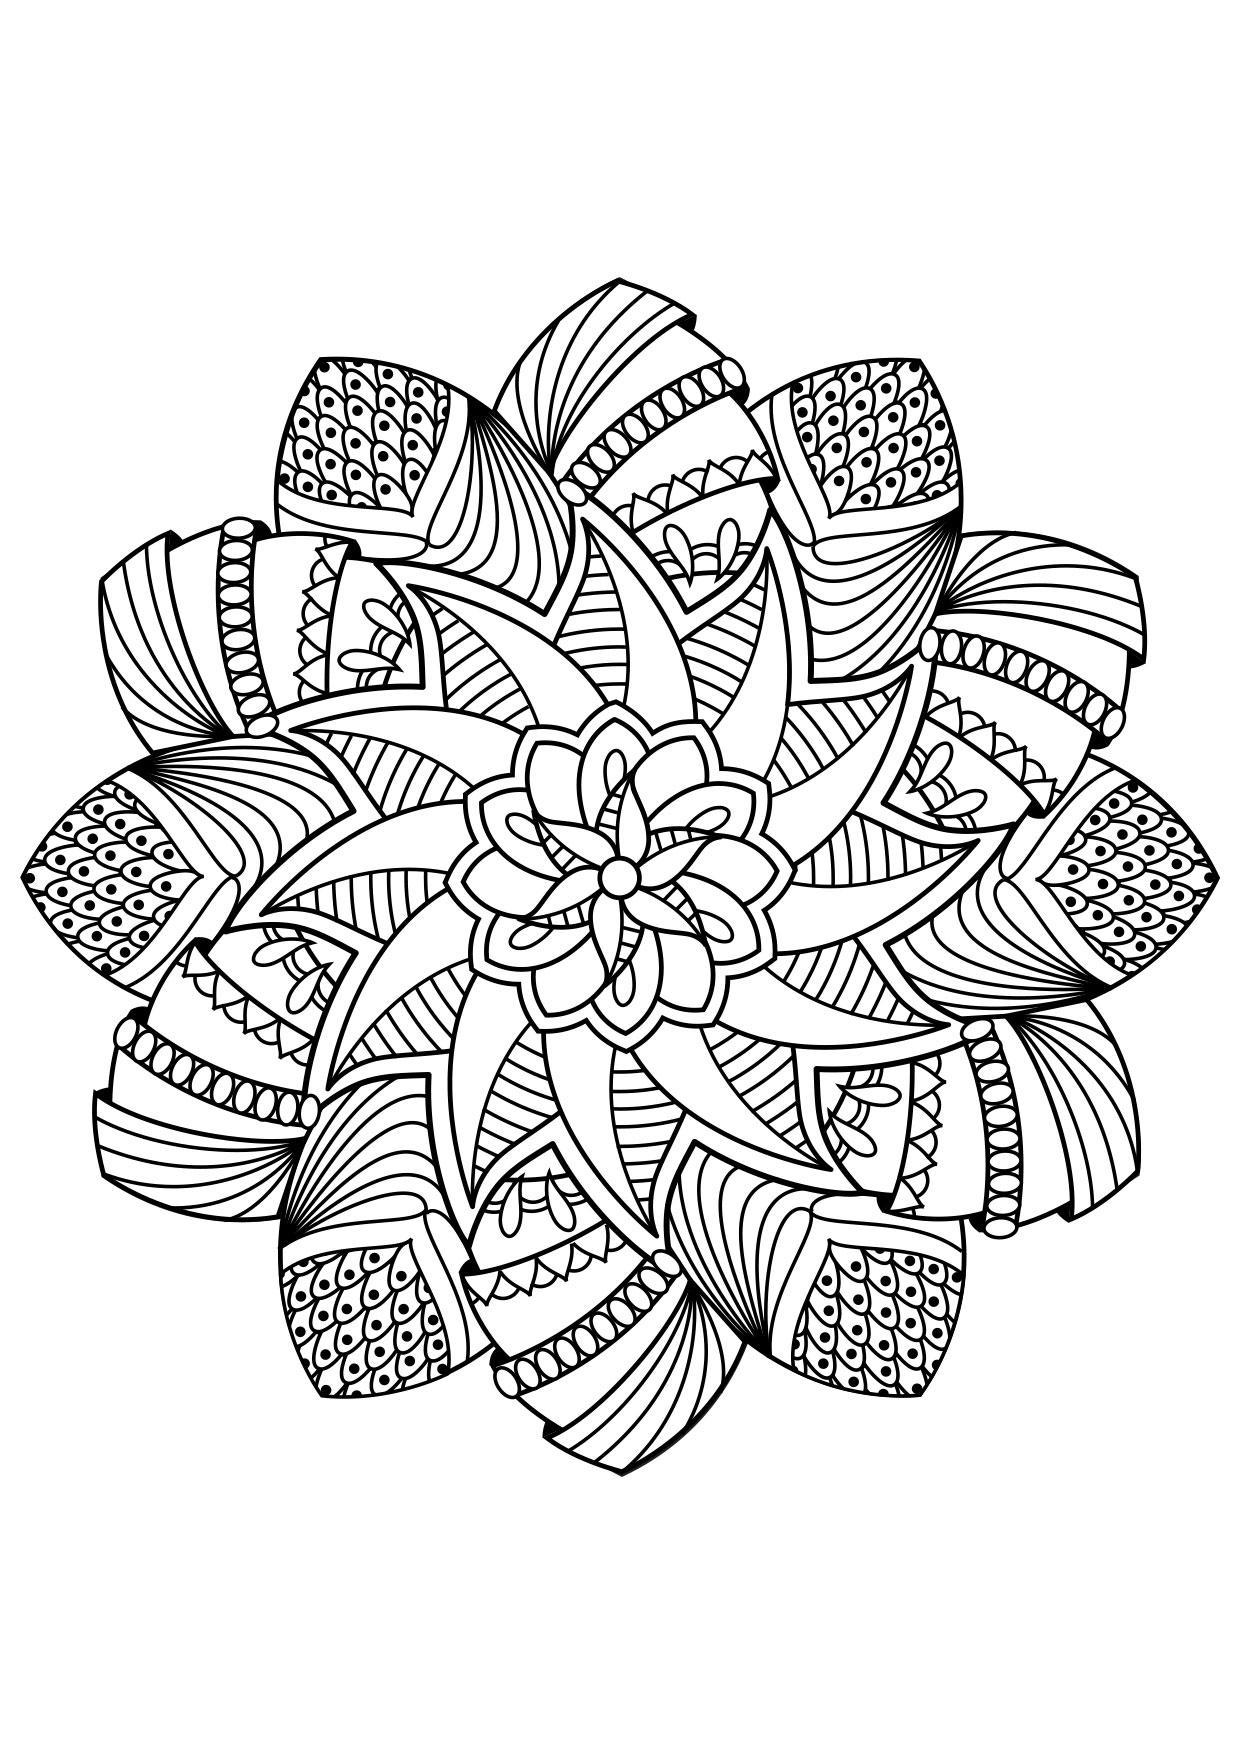 Malvorlage Mandala - Kostenlose Ausmalbilder Zum Ausdrucken - Bild